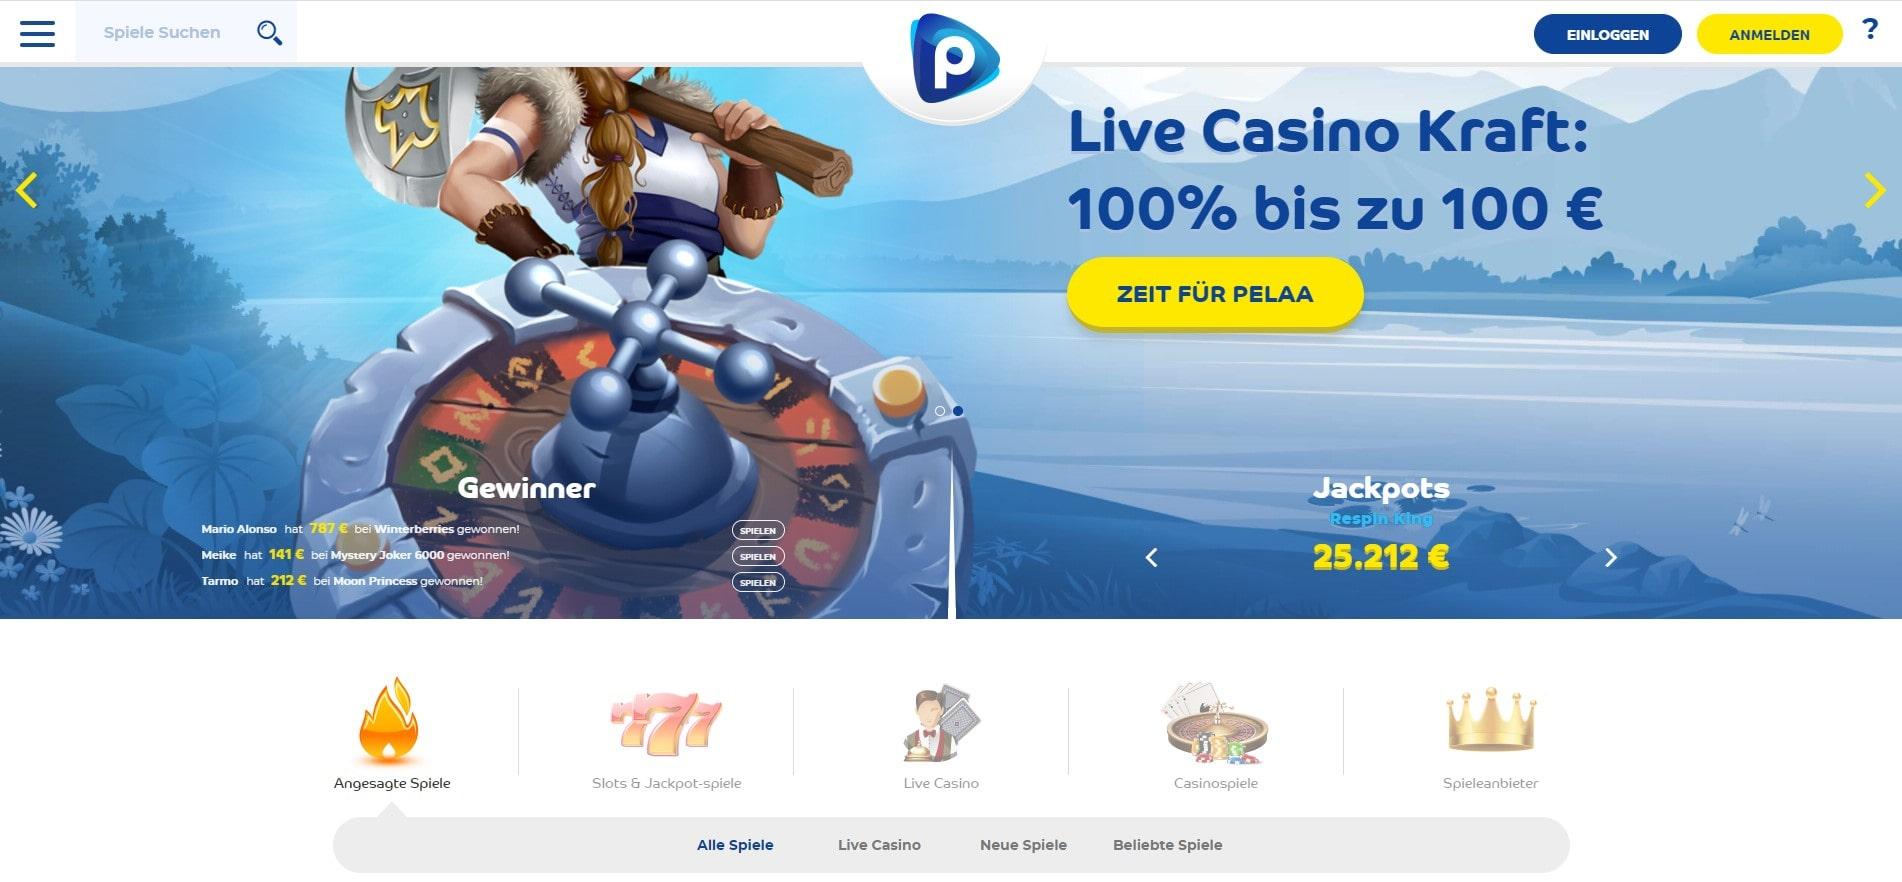 Pelaa Casino Startseite